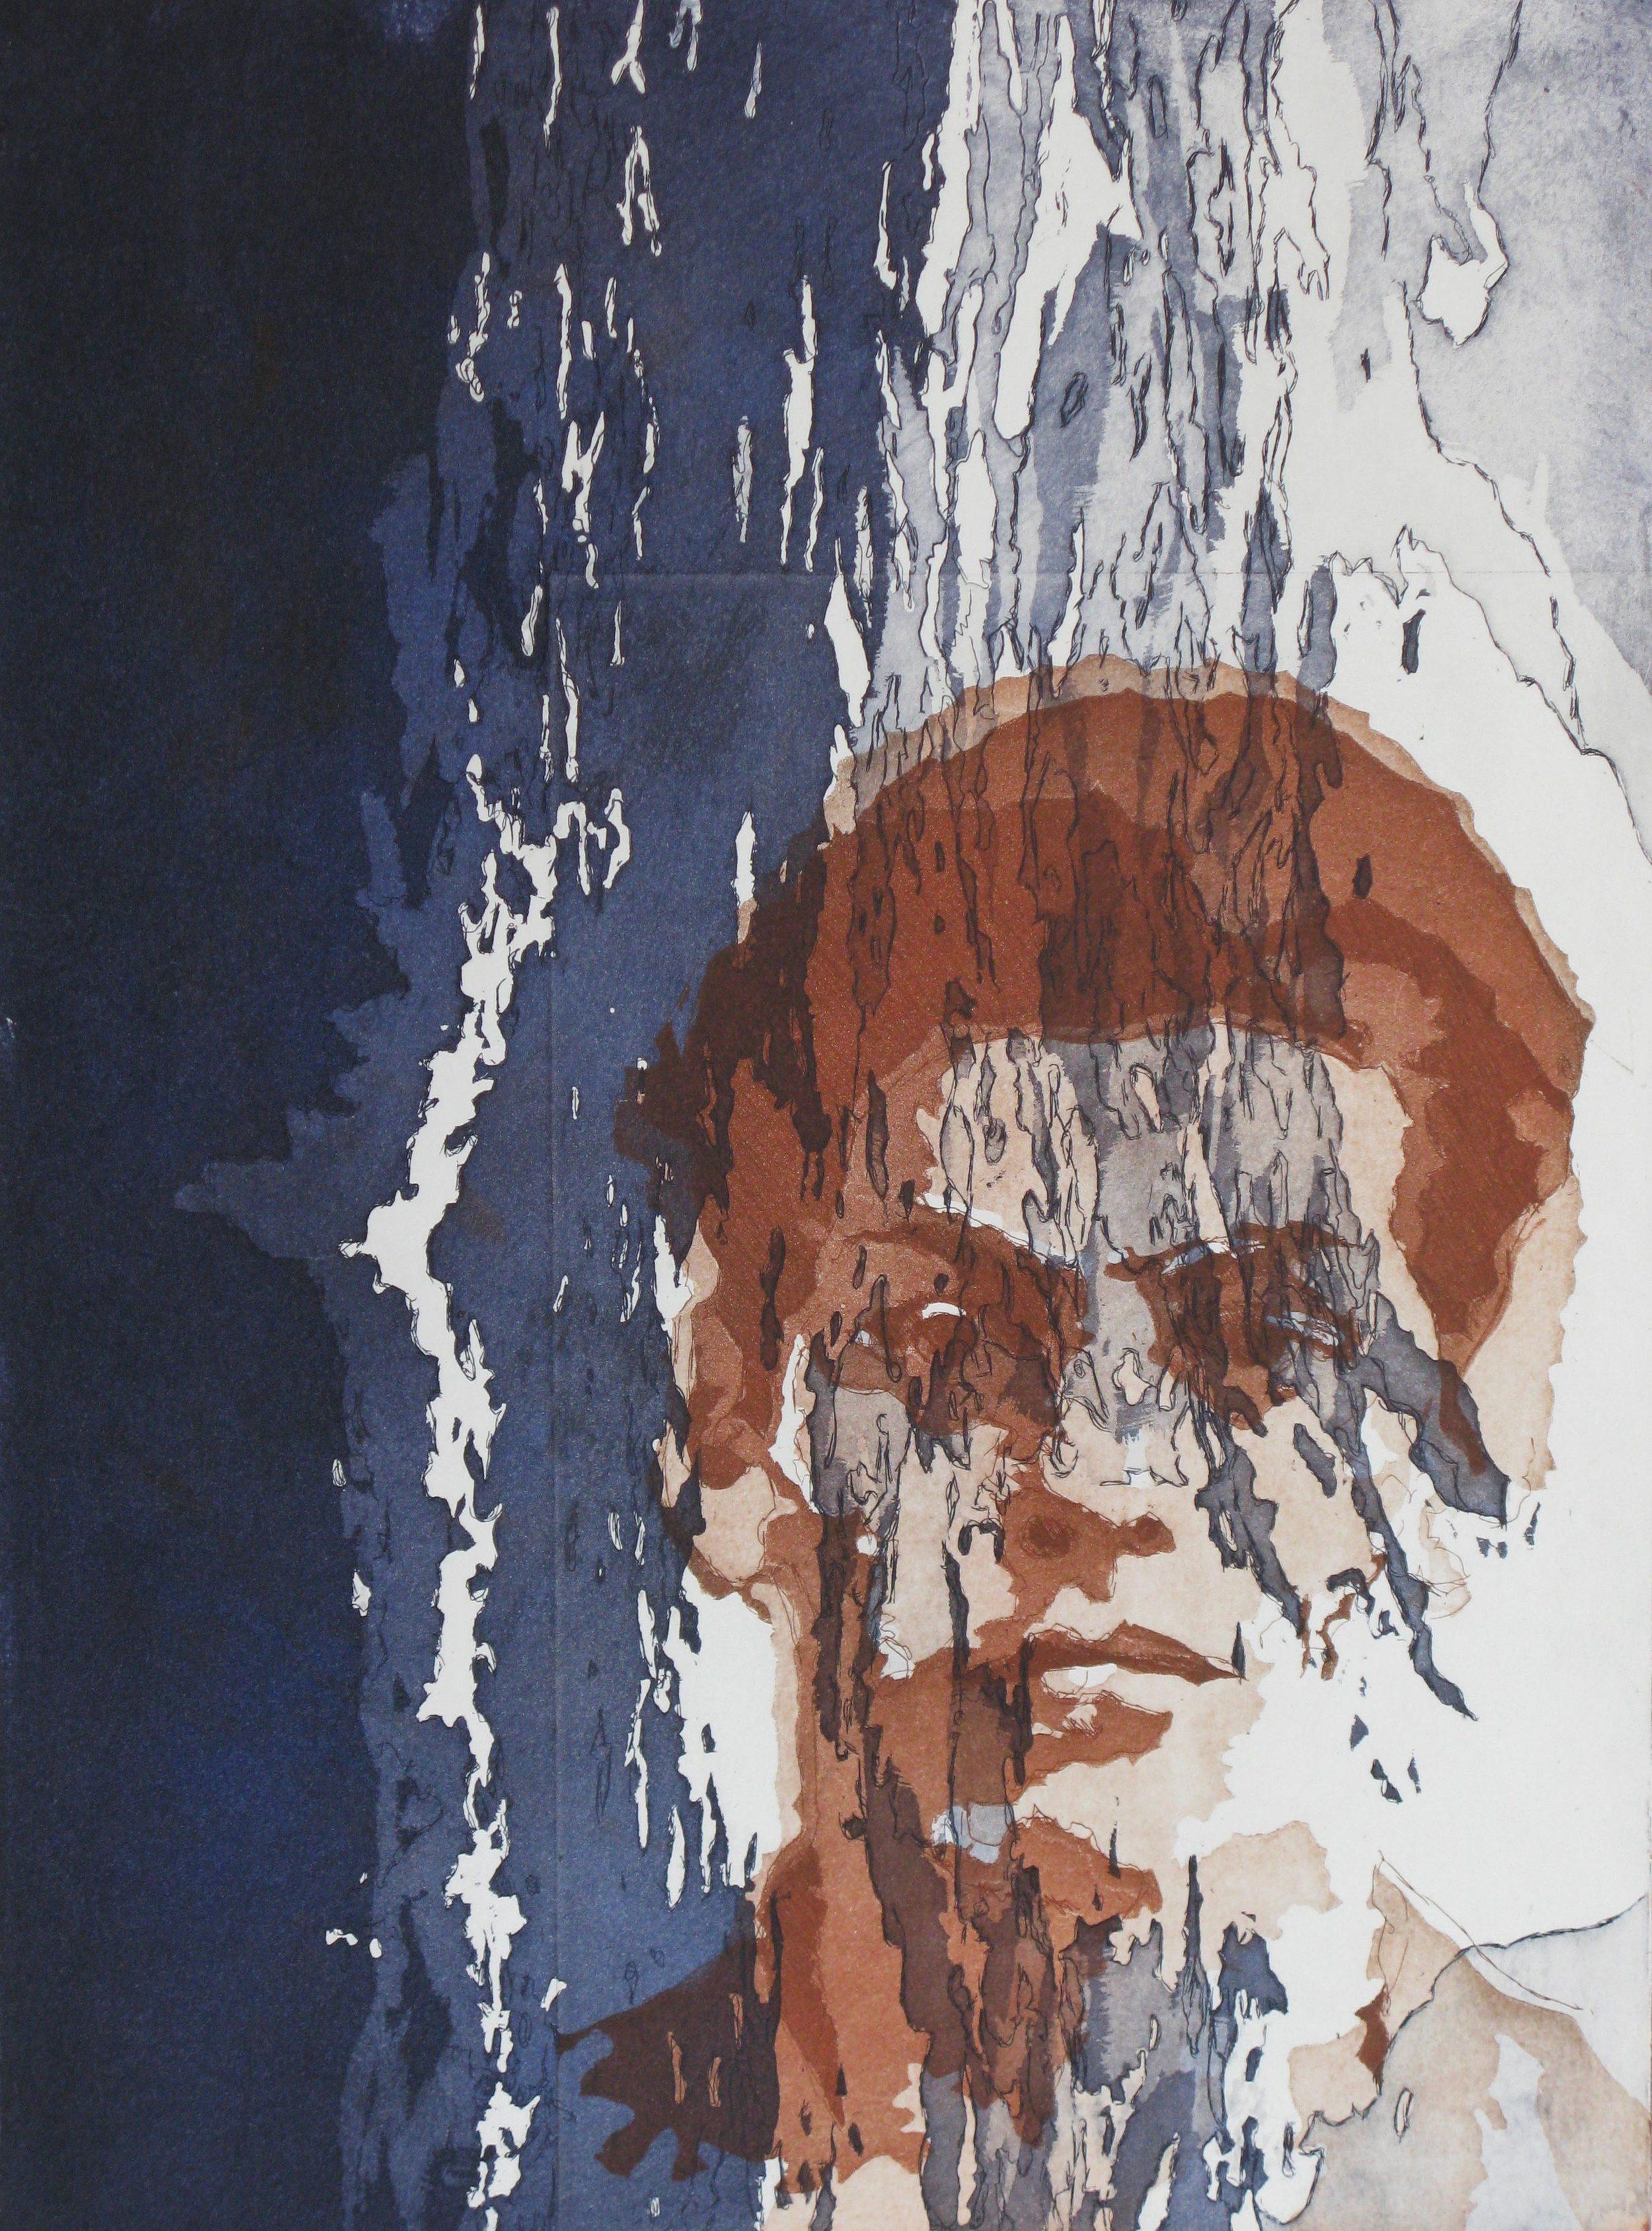 Série Traces - Paul Lespine, Résistant, Encore, en dépit du passage du temps